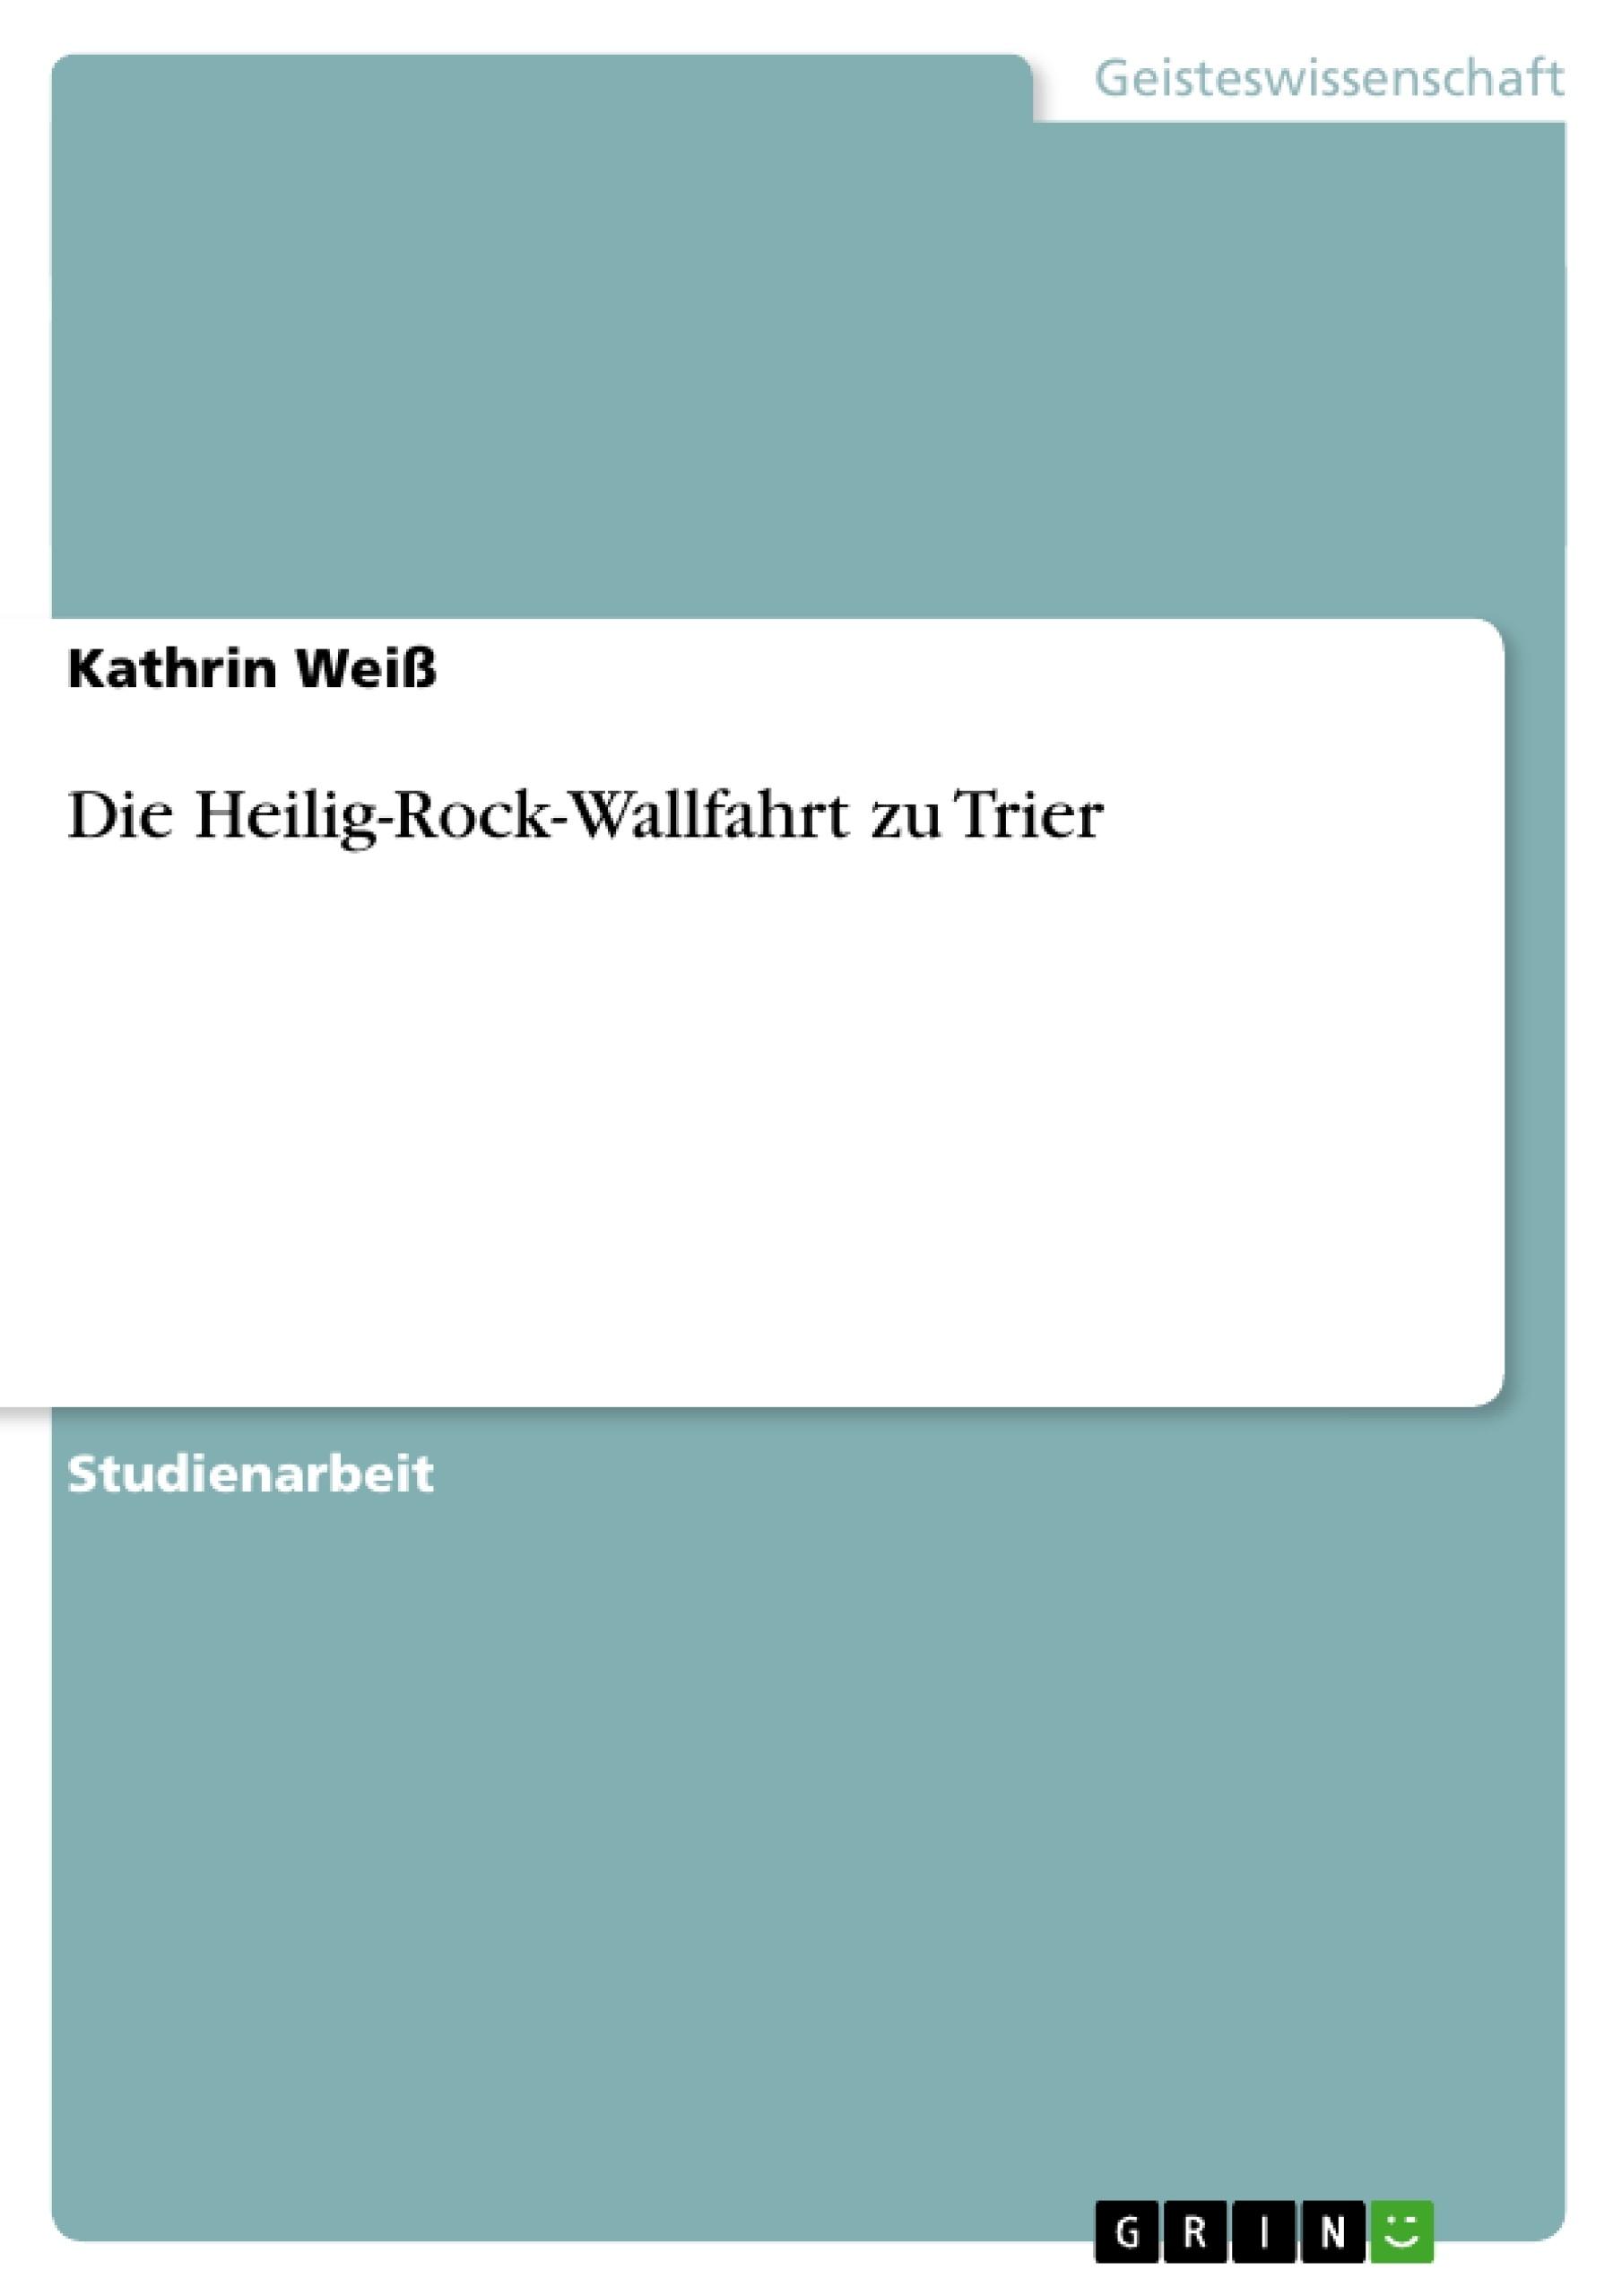 Titel: Die Heilig-Rock-Wallfahrt zu Trier